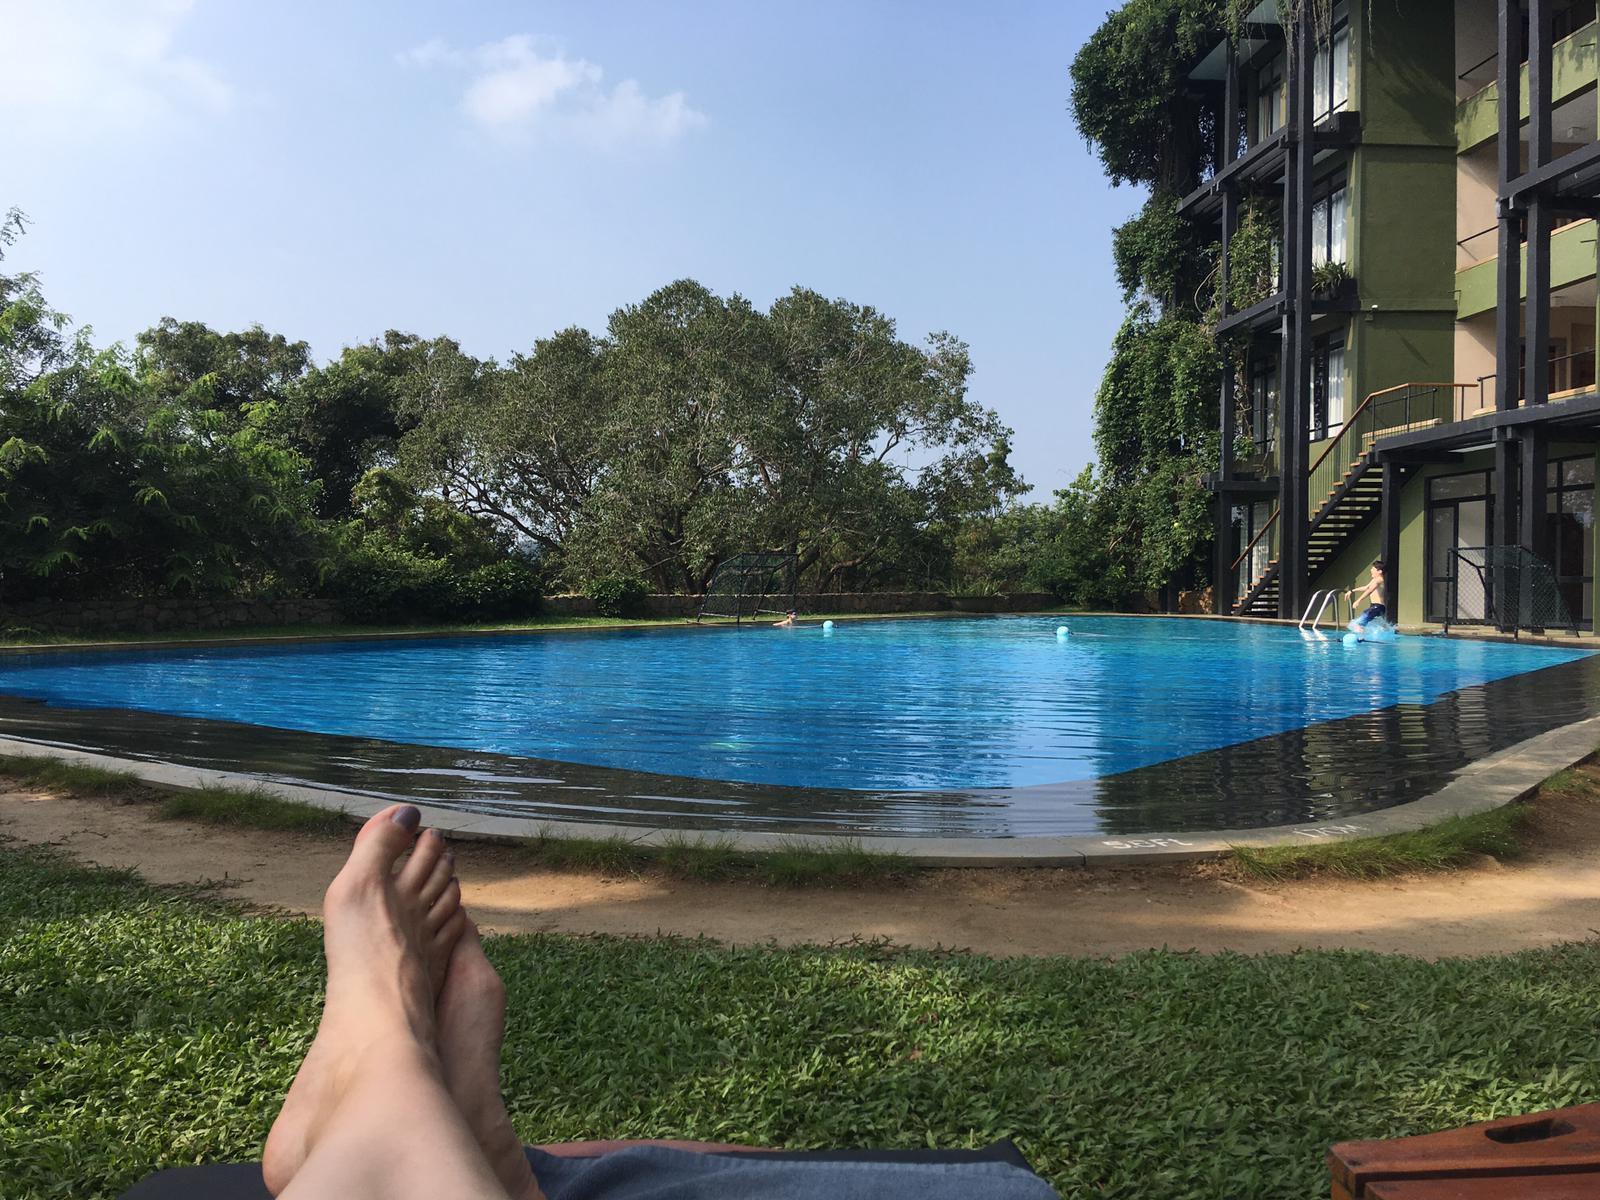 invite-to-paradise-sri-lanka-family-holiday-specialists-customer-feedback-pickering-kandalama-pool-relax.jpg